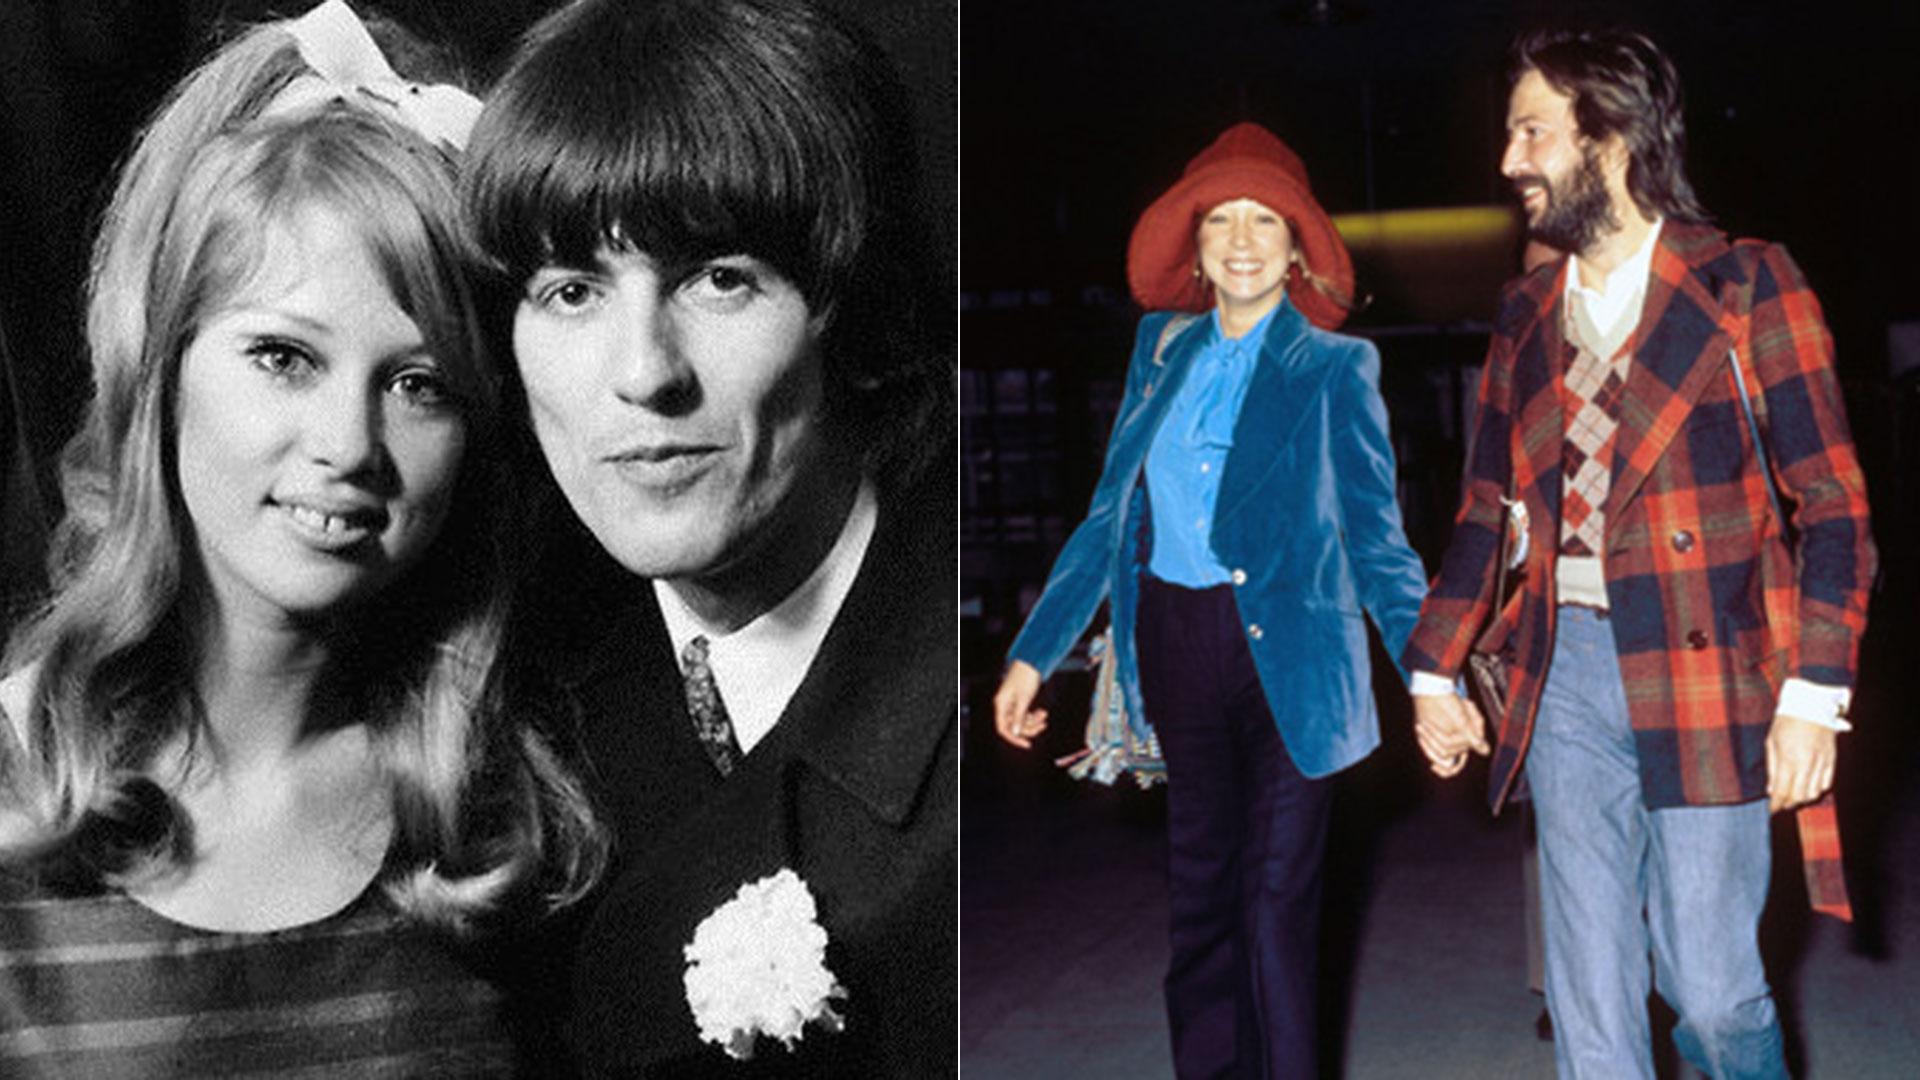 Su esposa Patty lo dejó por Eric Clapton, quien era su gran amigo